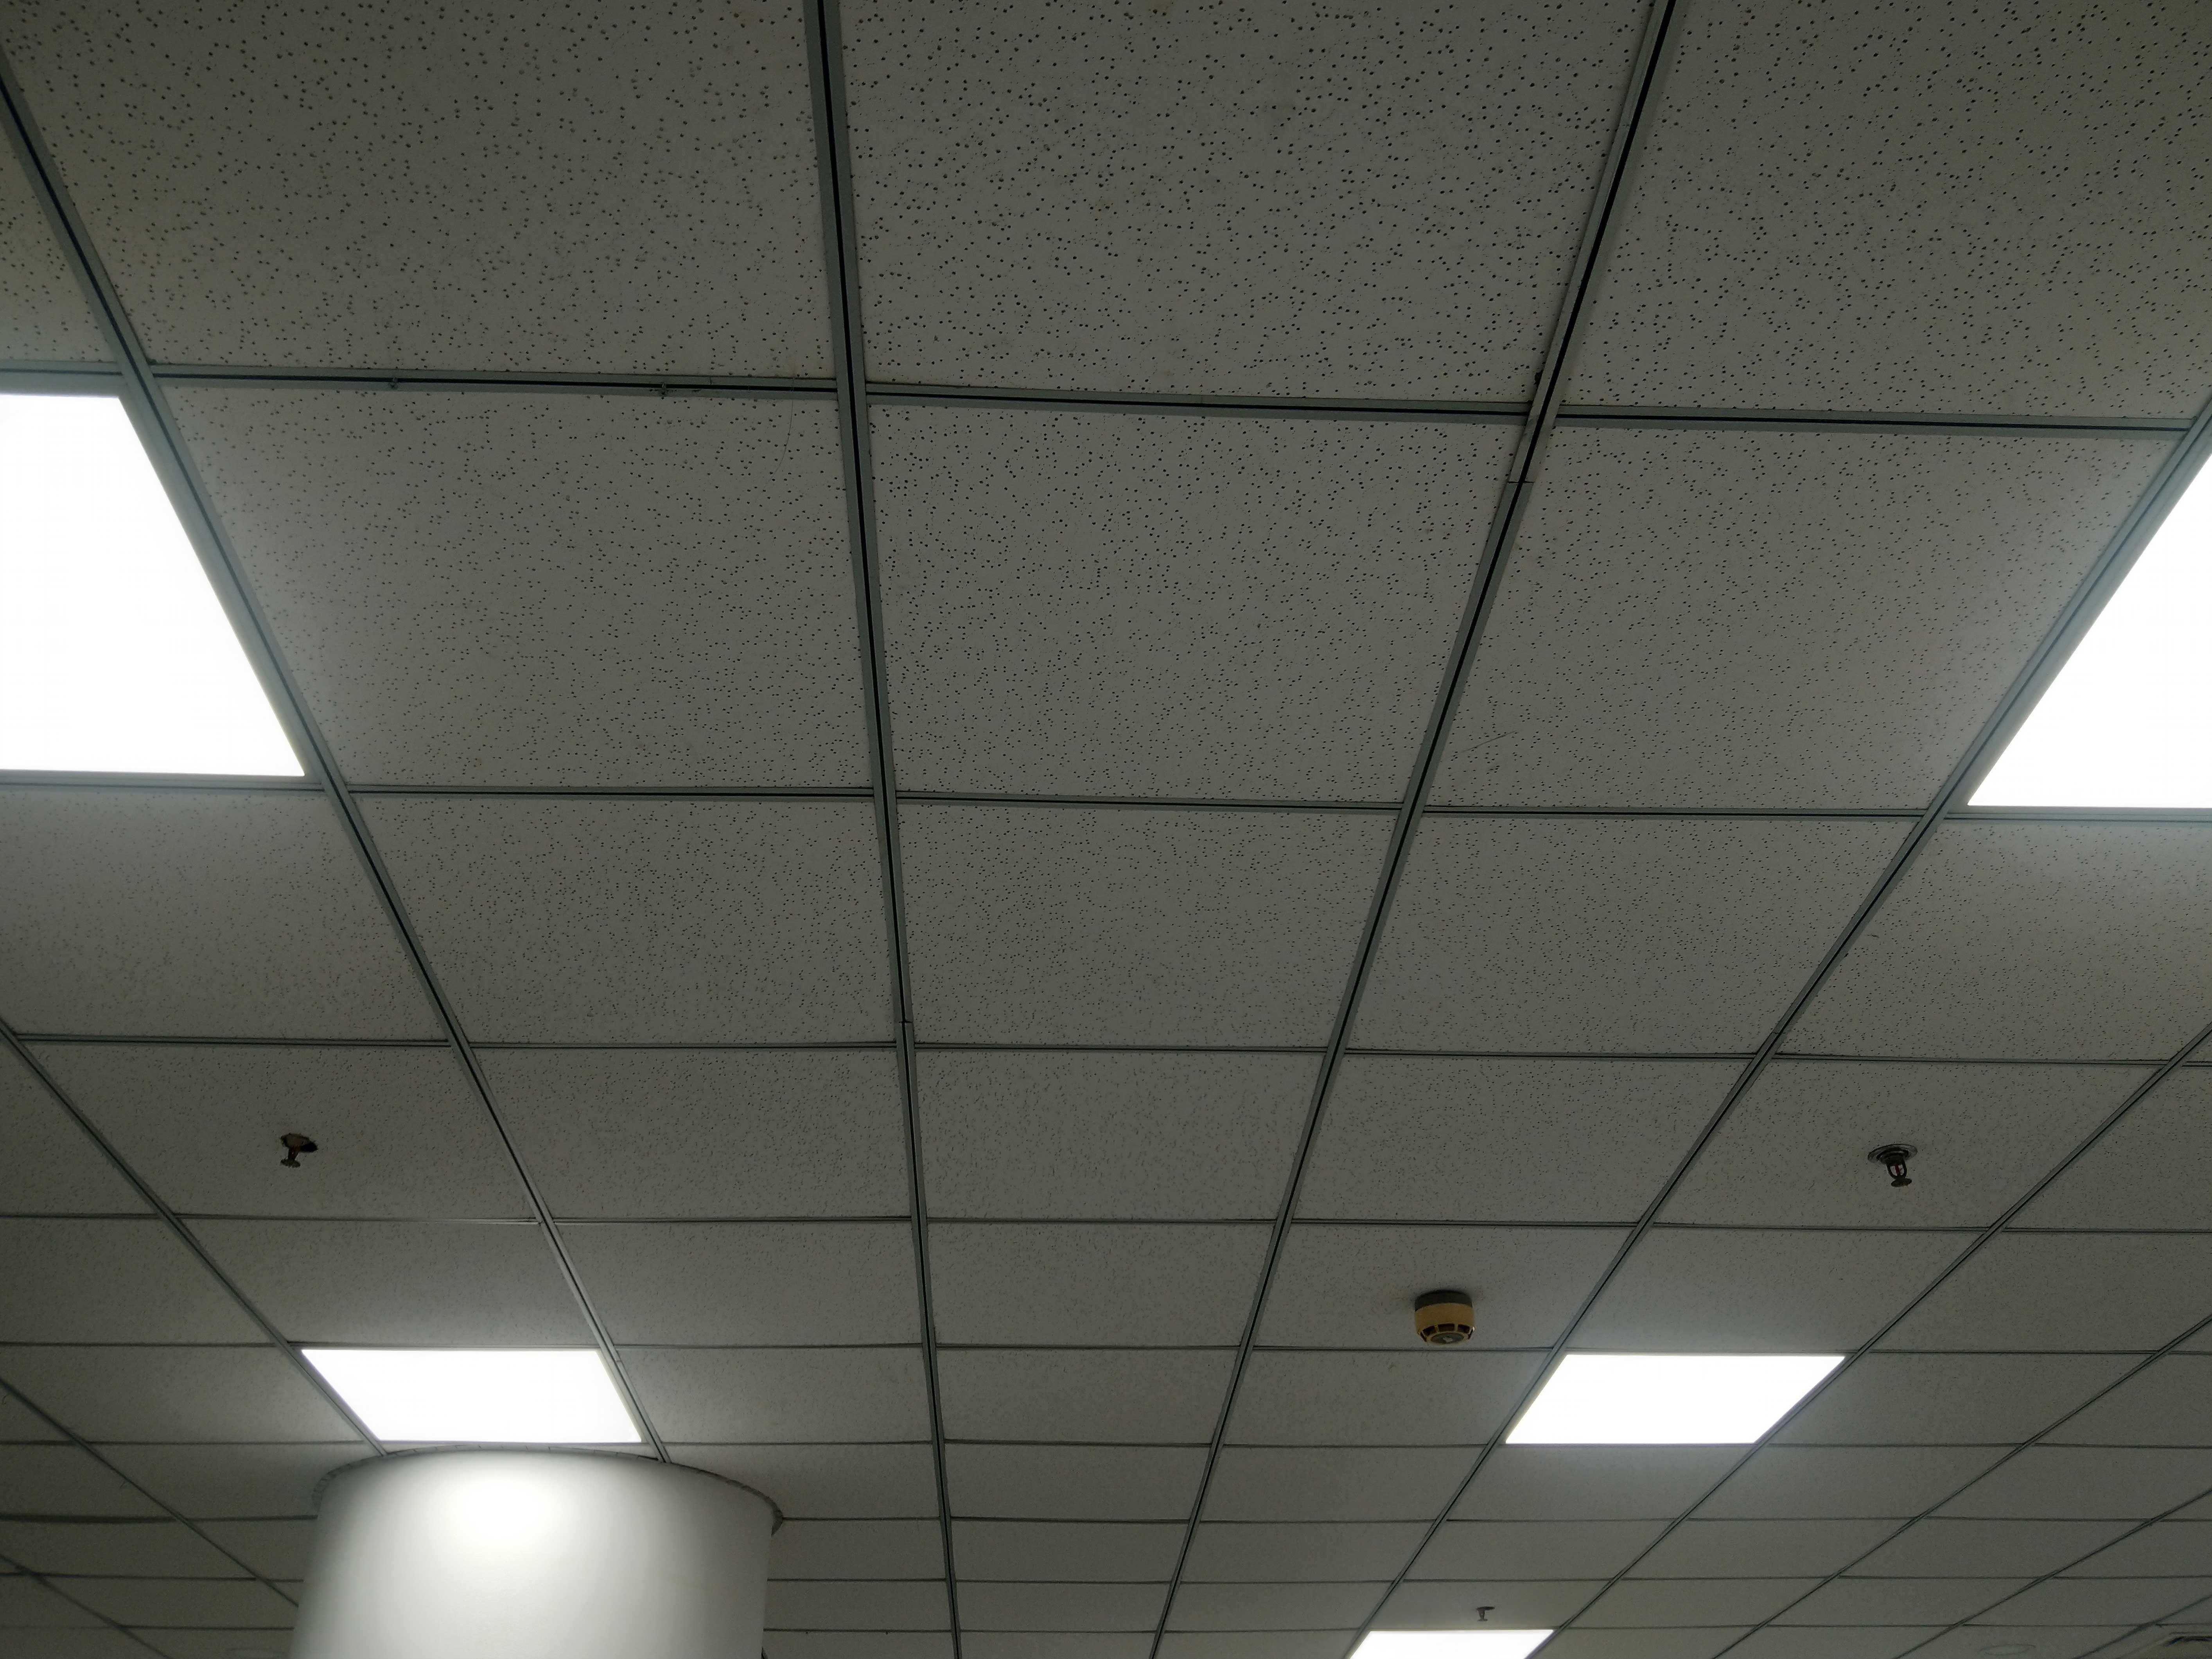 努比亚红魔电竞游戏手机(64GB)手机拍照出来的影像图第1张